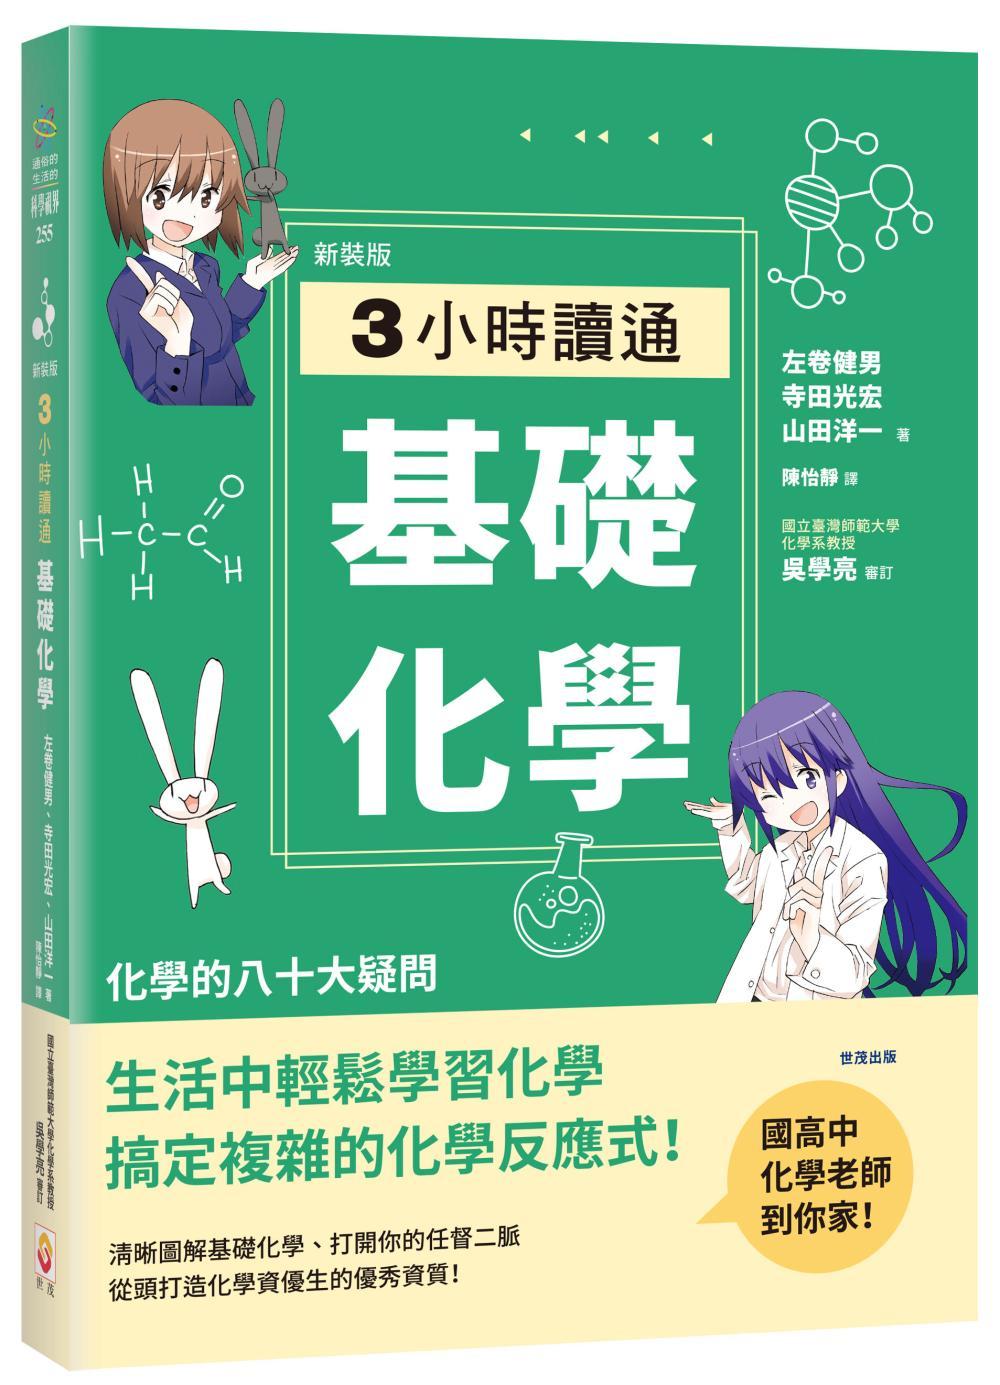 【新裝版】3小時讀通基礎化學